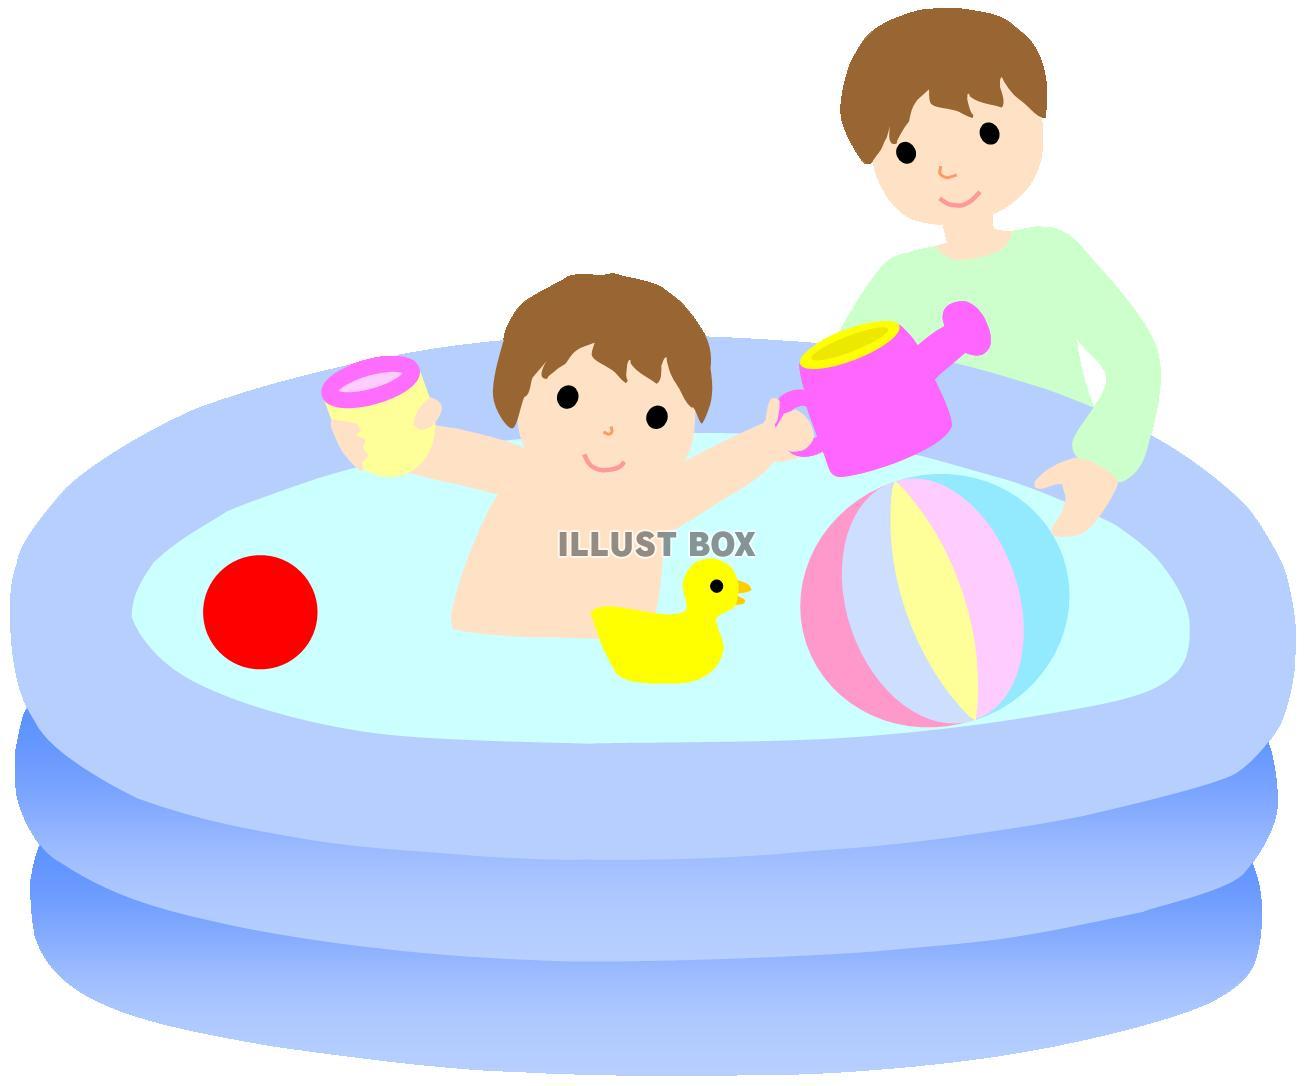 無料イラスト ビニールプール5夏おかあさん子供幼児水遊び